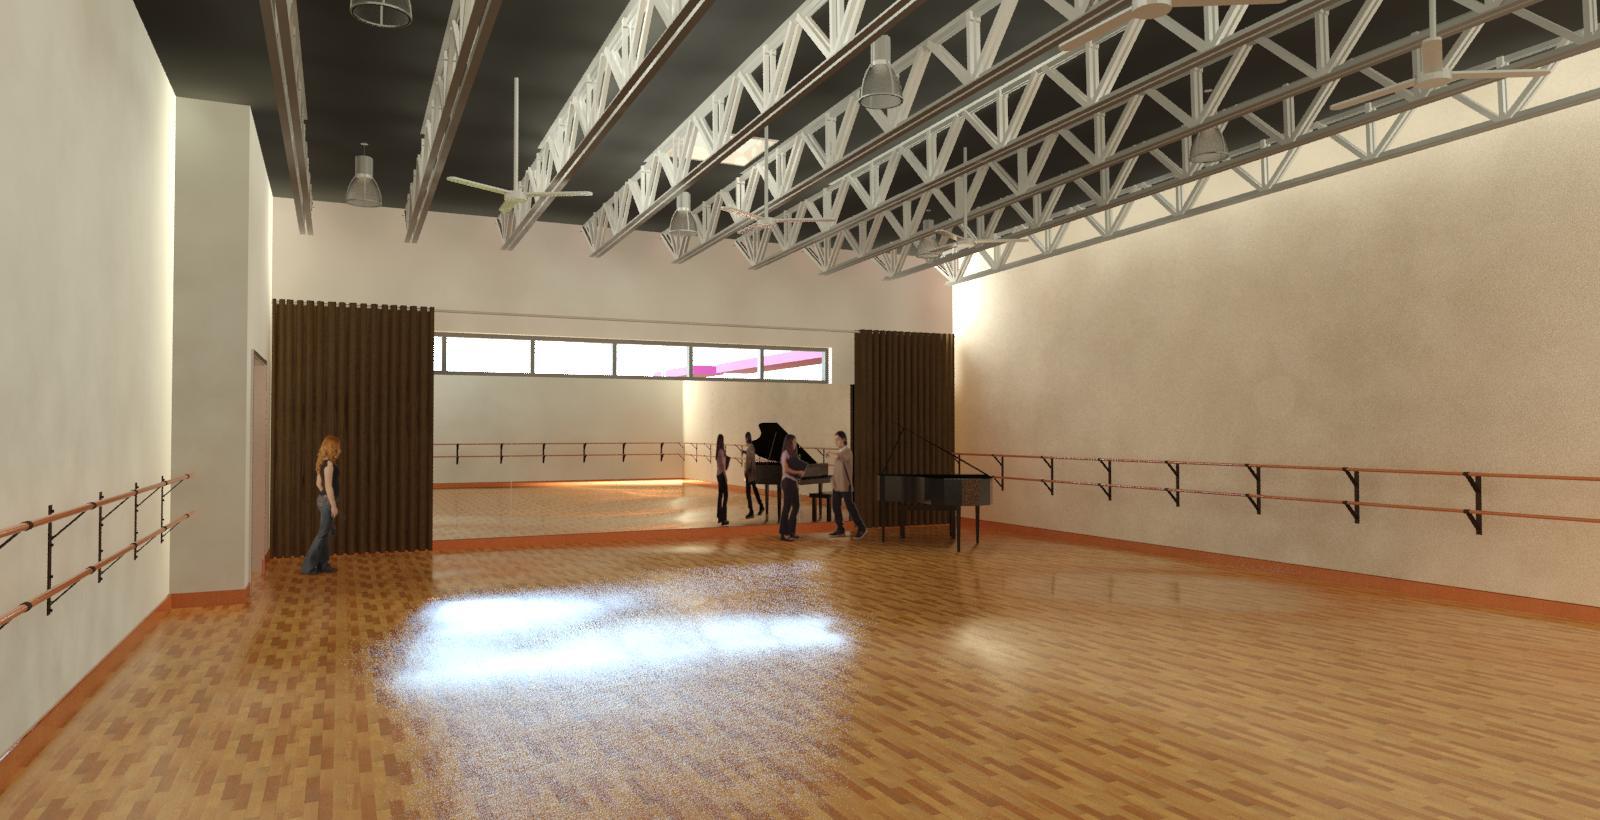 Dance_Hall_Alt_12-28-11.jpg